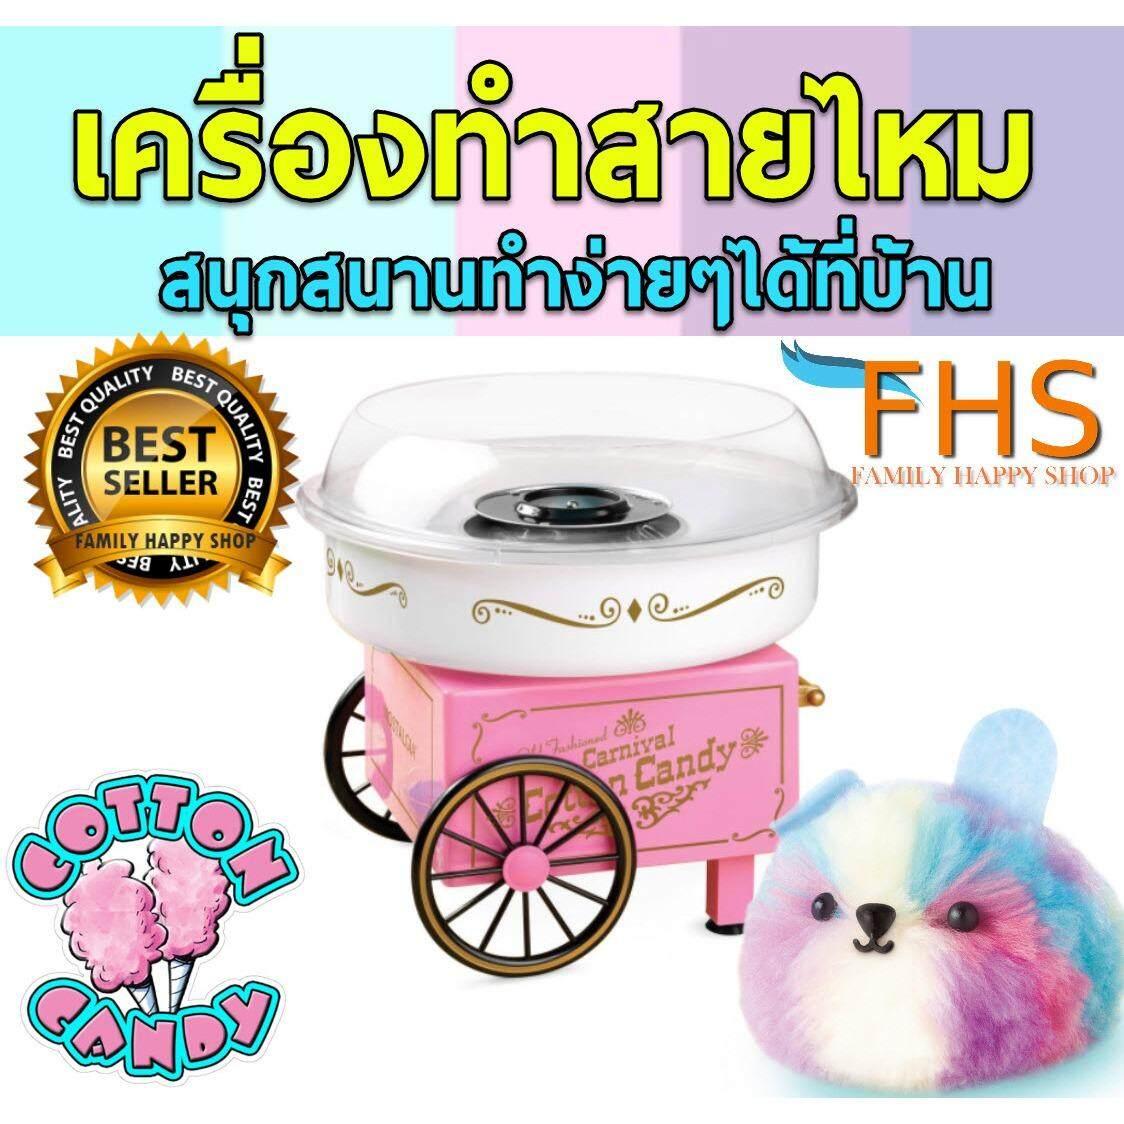 ราคา Fhs เครื่องทำสายไหม Cotton Candy Maker วินเทจดีไซน์ สีชมพู ทำง่ายๆอร่อยได้ทั้งครอบครัว